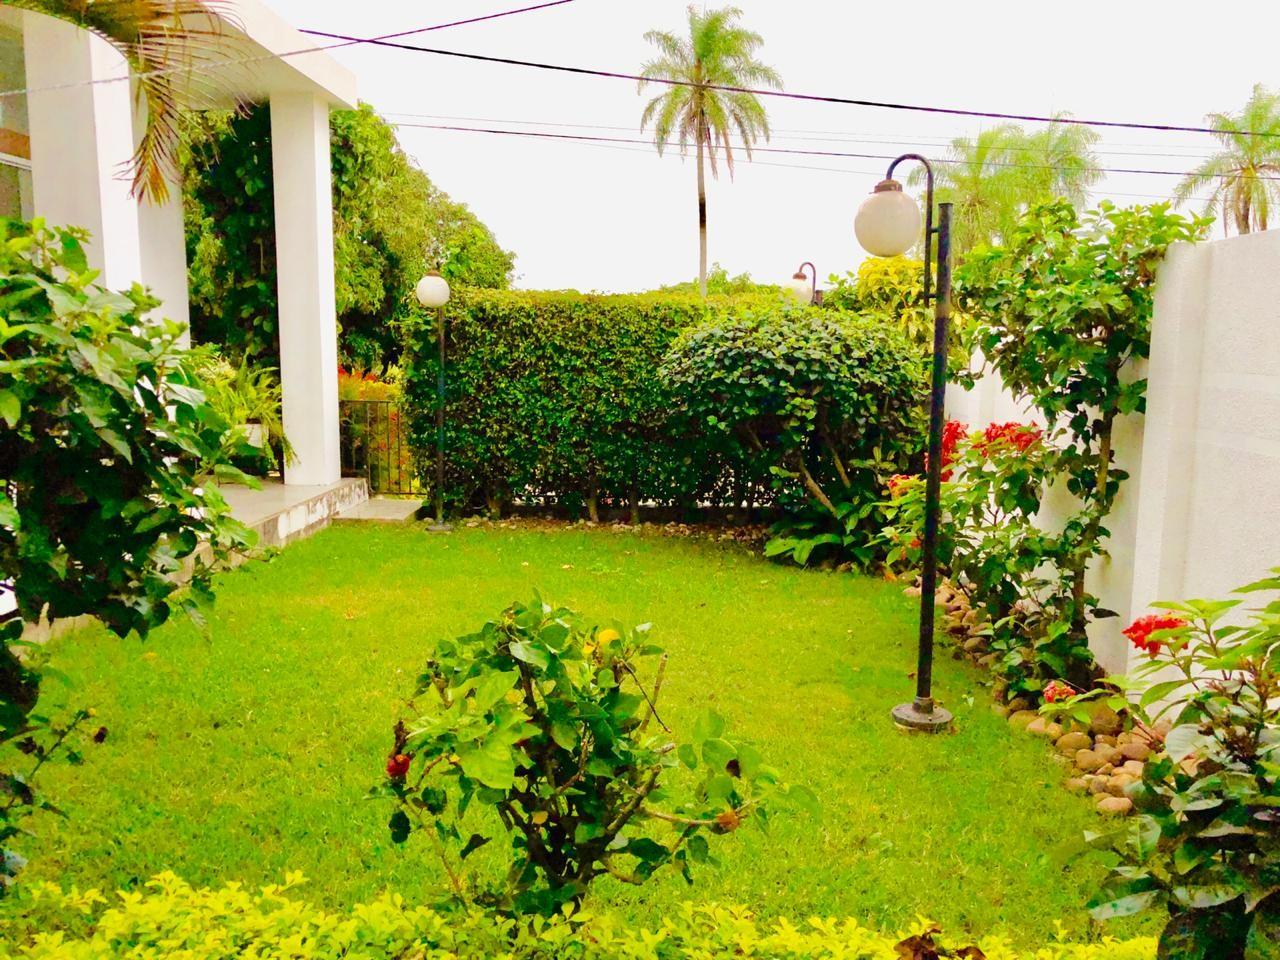 Casa en Alquiler Zona Urubo - Condominio Jardines del Urubo - lado de Restaurante Casa del Camba - a 1 minuto del Puente principal. Foto 21